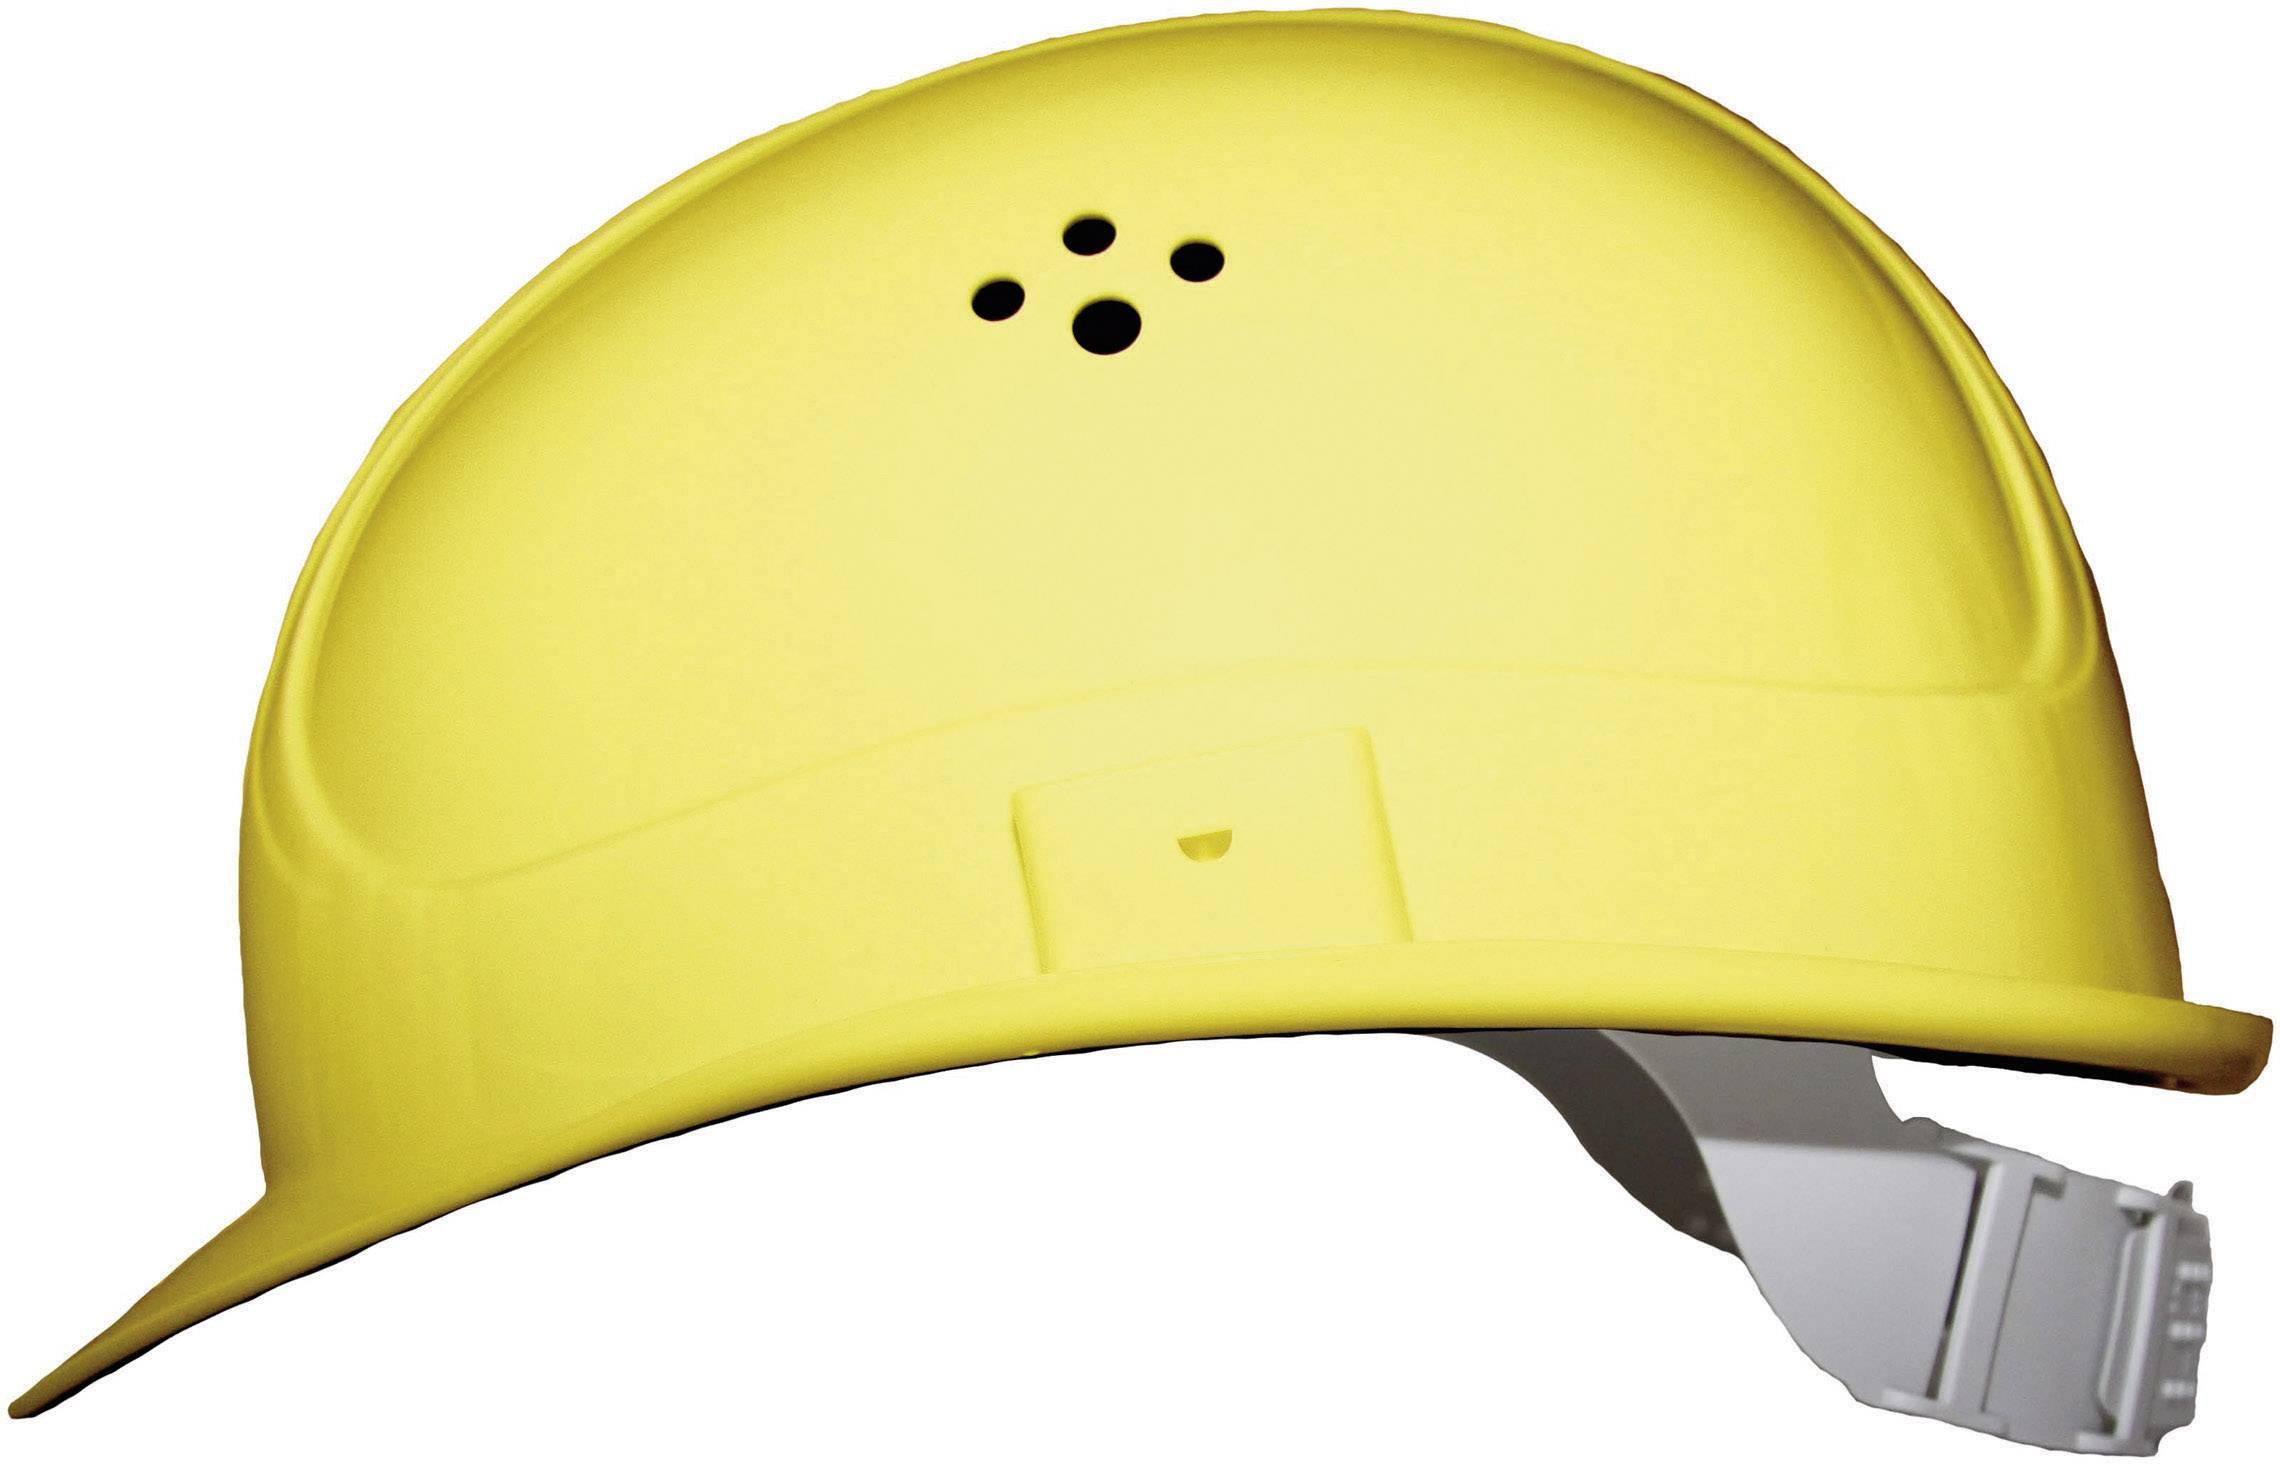 Ochranná prilba Voss Helme 2680, žltá